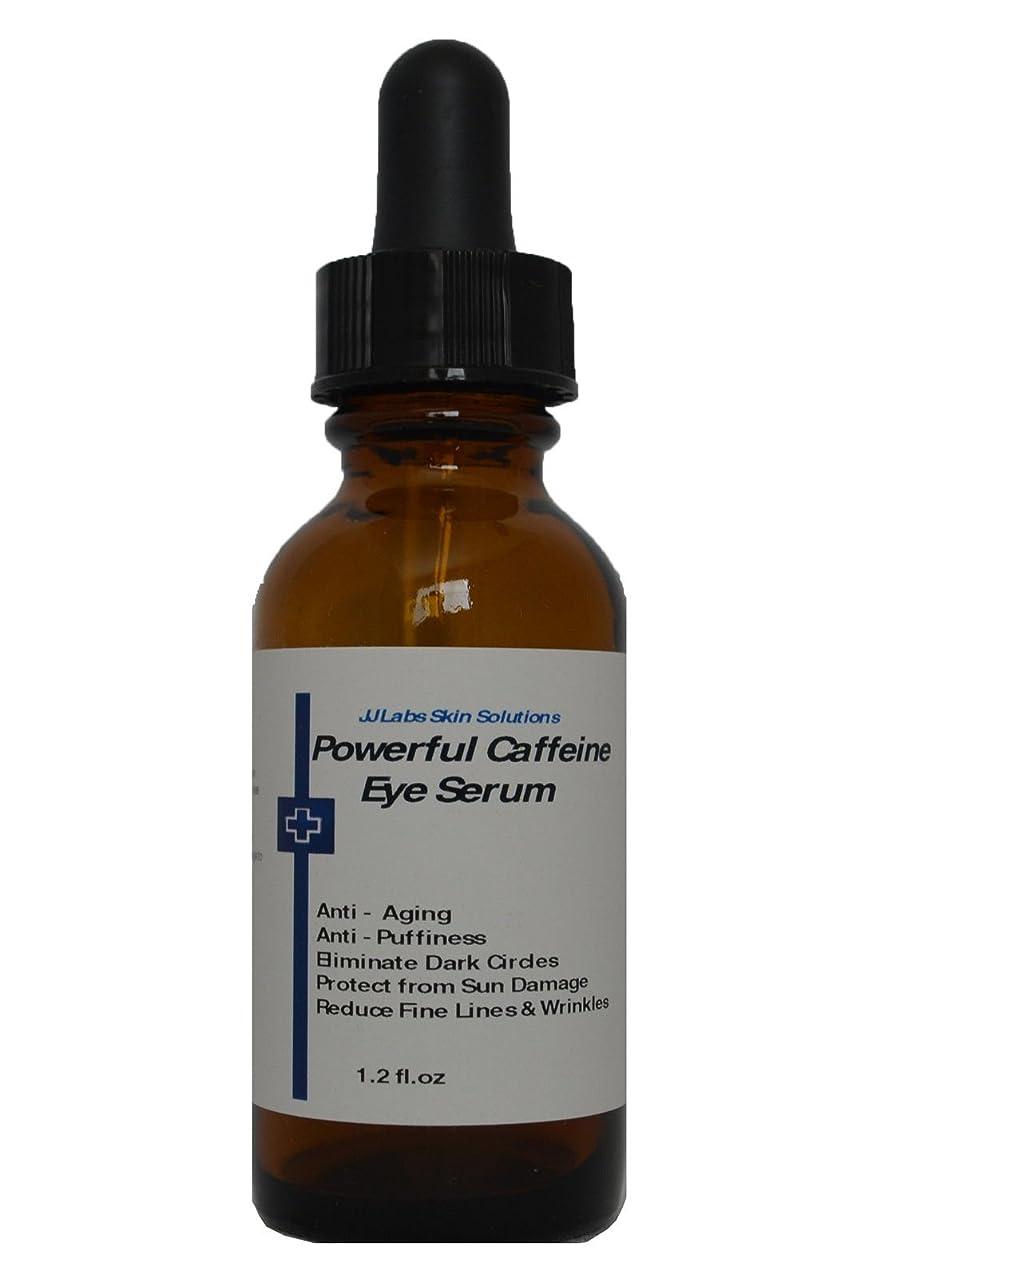 子孫マットレス分配します強力カフェイン目のくま、腫れ、しわ向け化粧品 110g